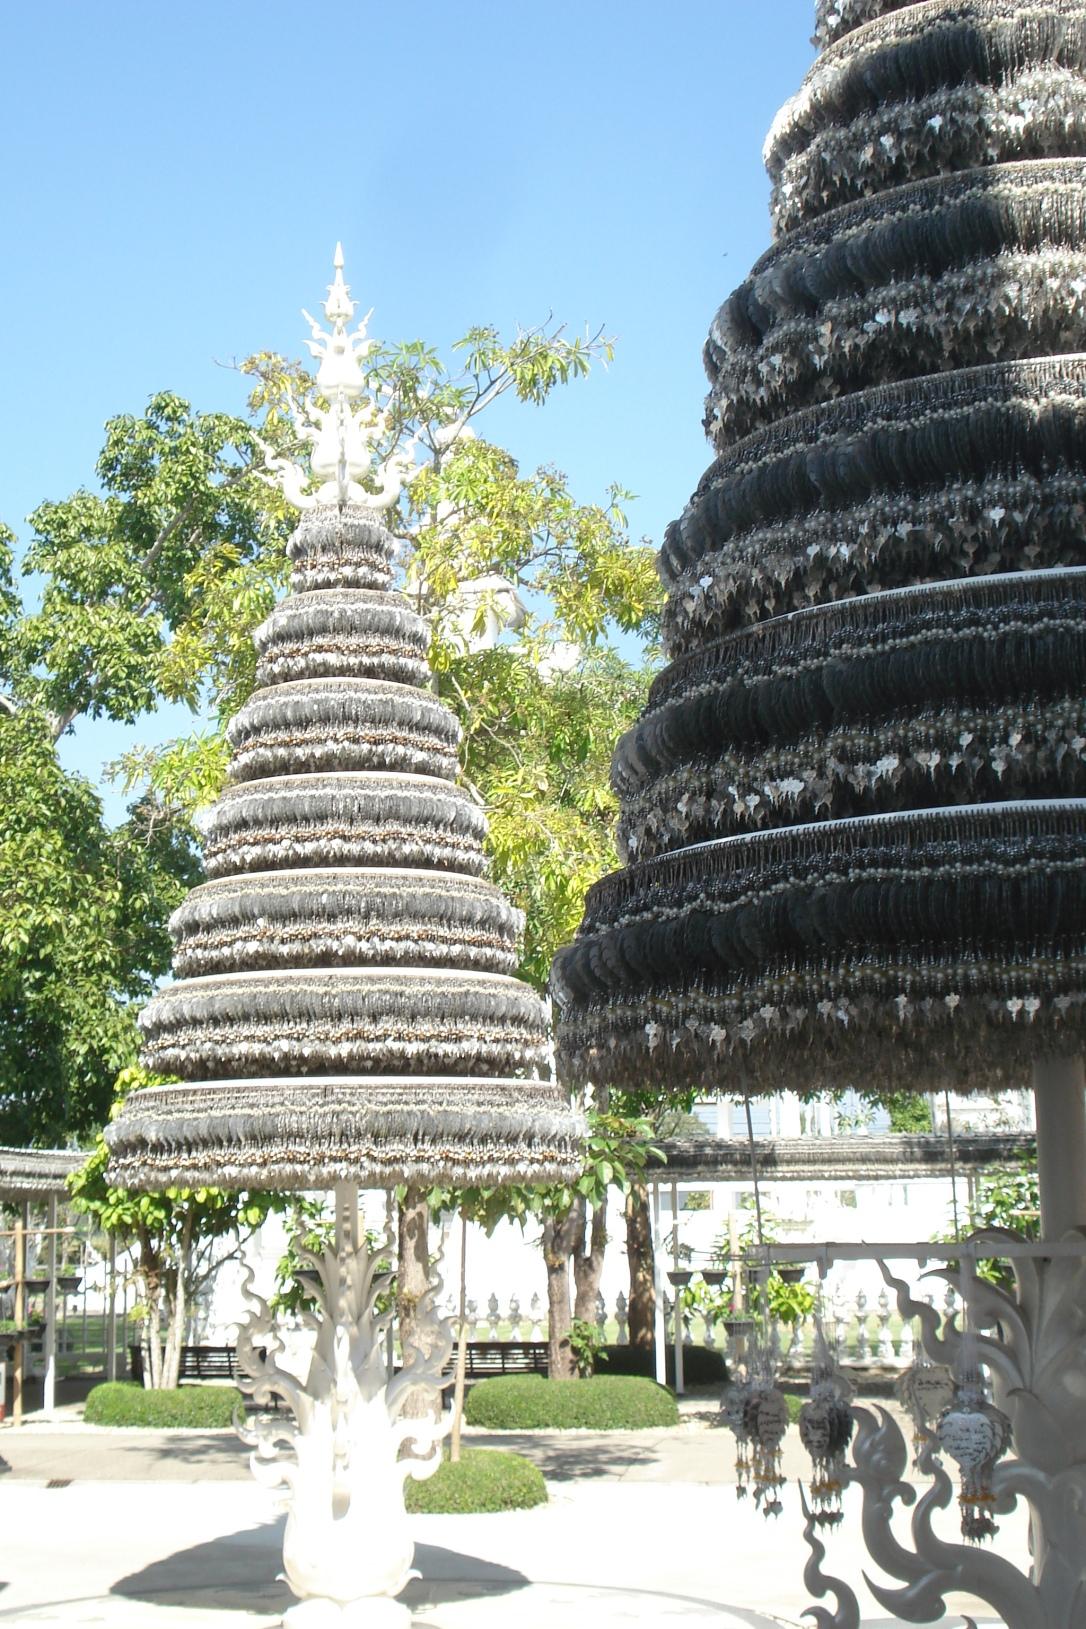 A árvore dos desejos fica ao lado do templo e quem quiser pode comprar o pingente de metal e escrever o pedido para pendurar na árvore.